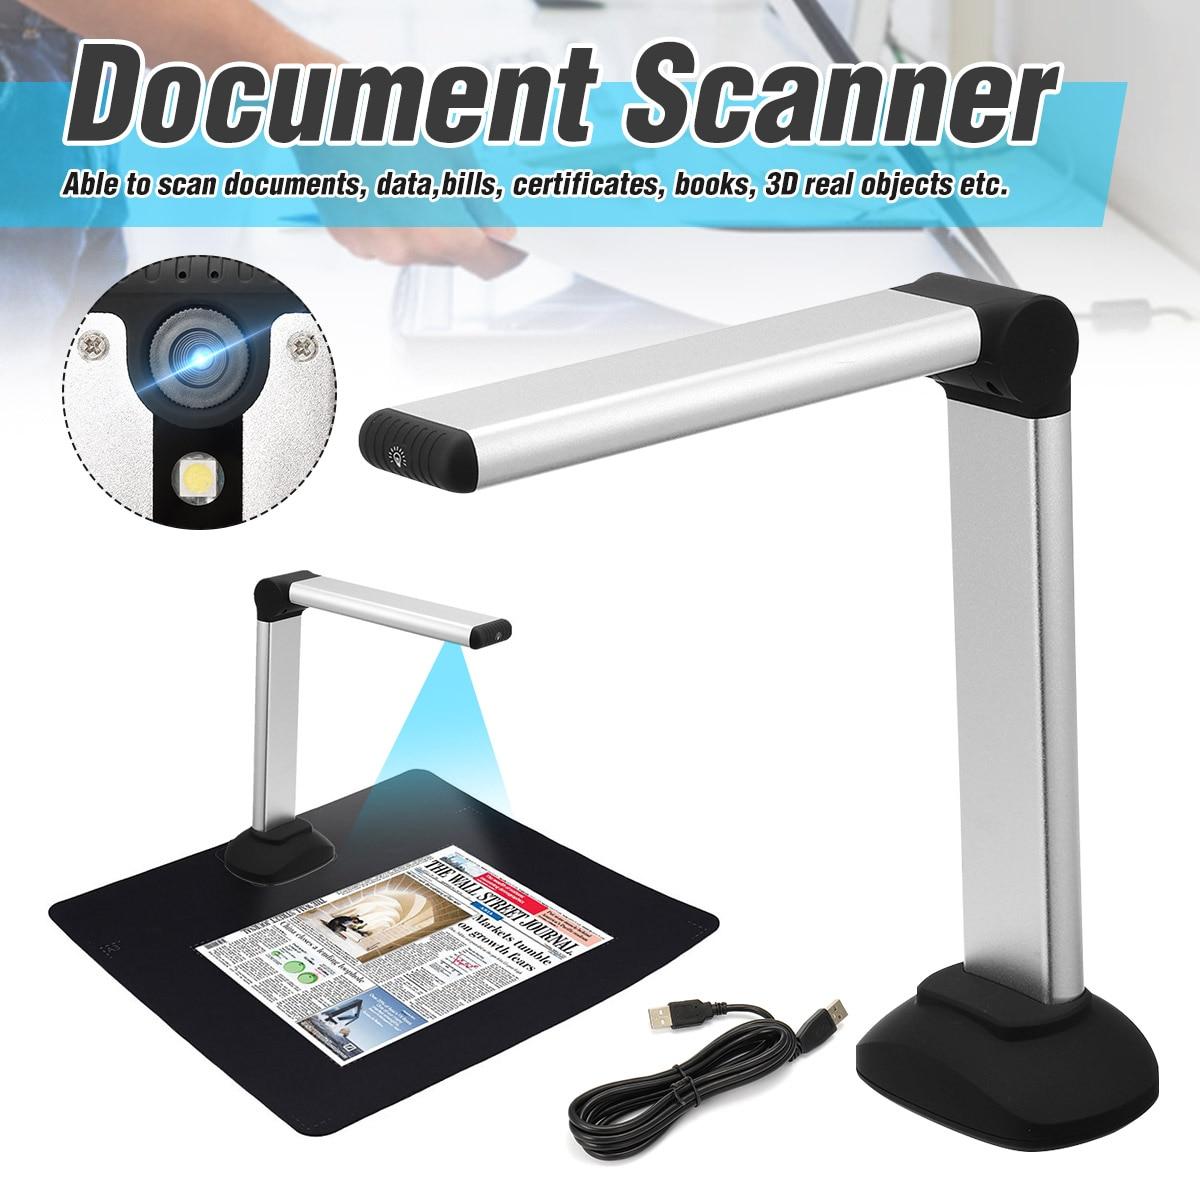 Imagem Do Livro A4 Document Camera Scanner portátil de Alta Velocidade USB Com Câmera 8.0MP Escola Escritório Biblioteca Banco HD High- definição